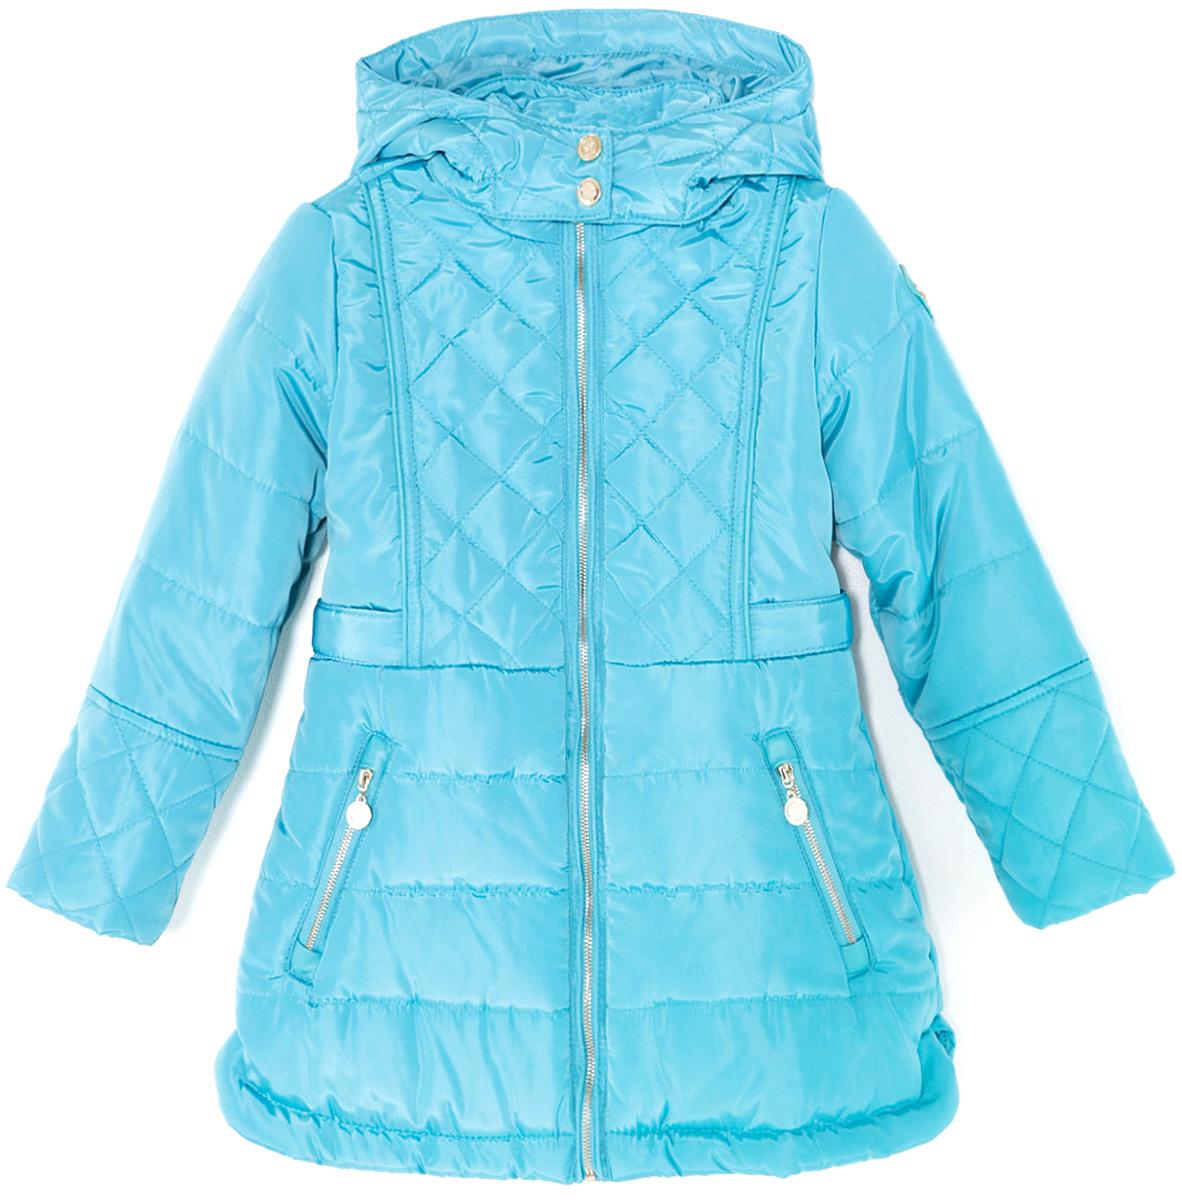 Пальто для девочки Acoola Swiss, цвет: бирюзовый. 20220610014. Размер 10420220610014Стеганое пальто от Acoola на синтепоне, с воротником-стойкой и отстегивающимся капюшоном, декорированное контрастной отделкой из искусственной кожи и небольшой нашивкой на рукаве. Модель с потайной кулиской на талии, застежкой на молнию с защитой подбородка, хлястиками для регулировки объема на талии и прорезными карманами на молнии по бокам.